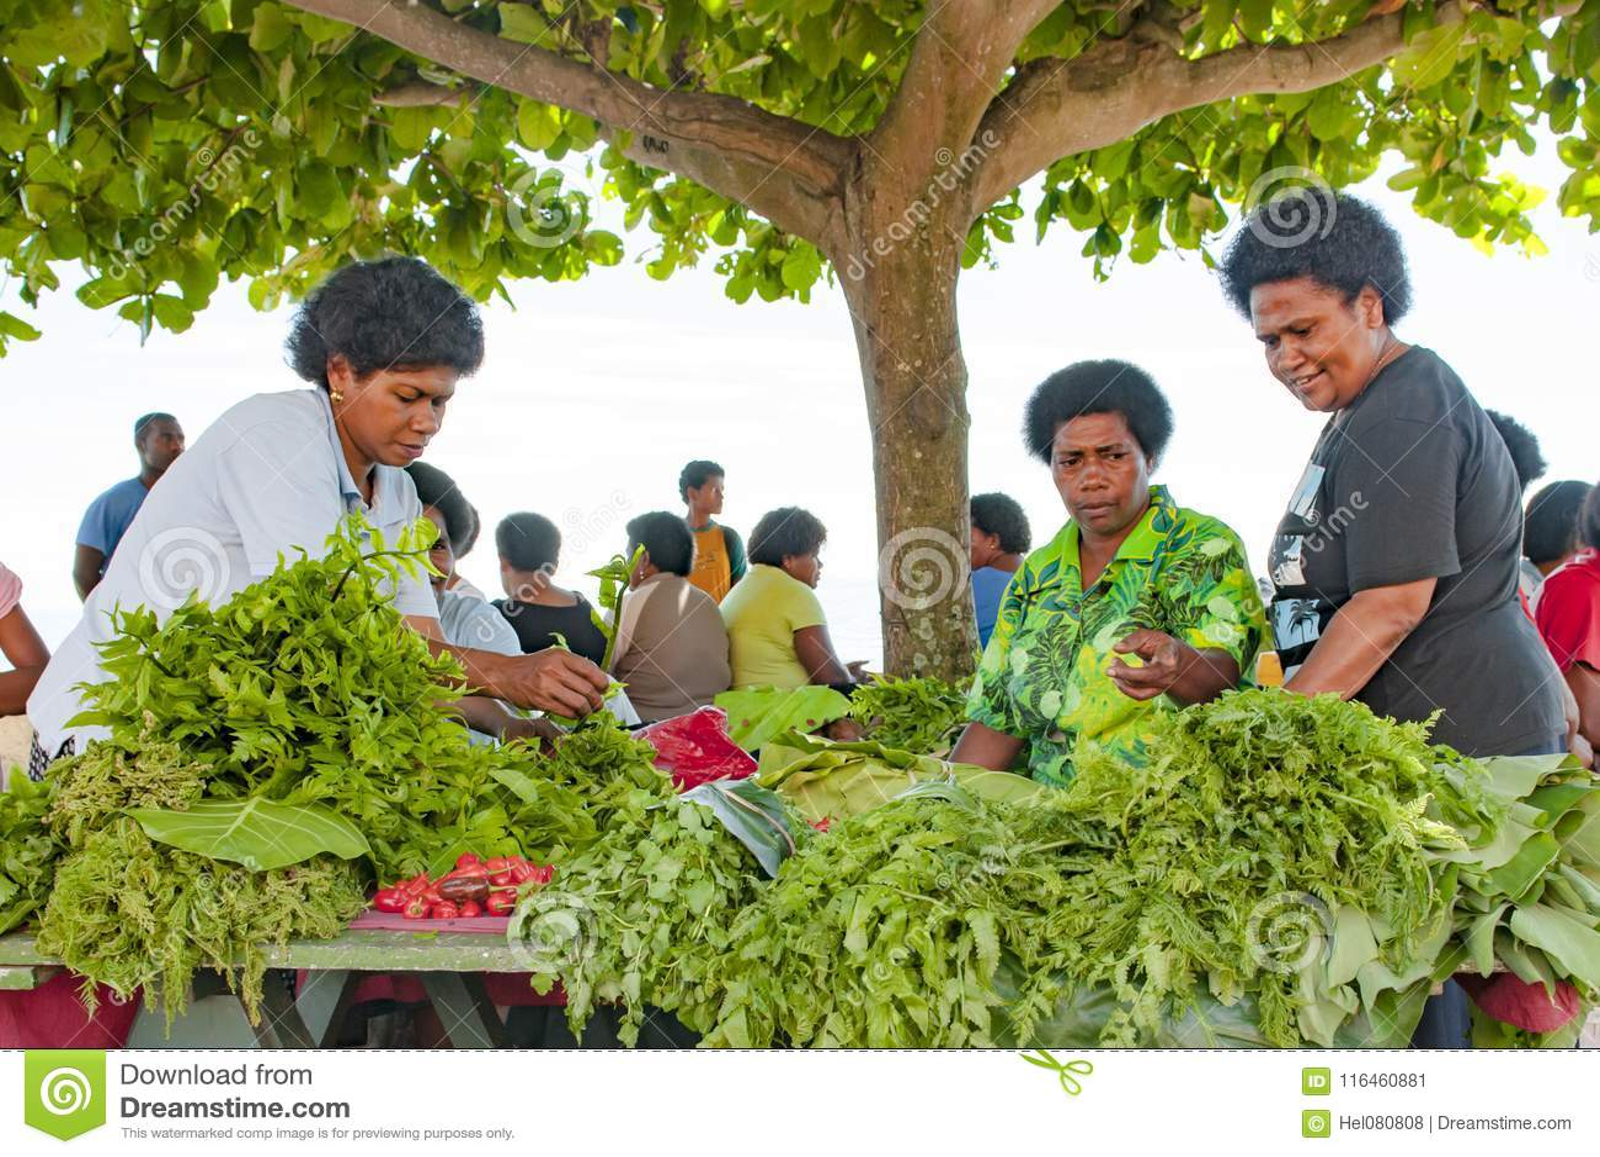 Свежие зеленый салат и овощи в тени листьев дерева на тропическом рынке на острове в Тихом океане